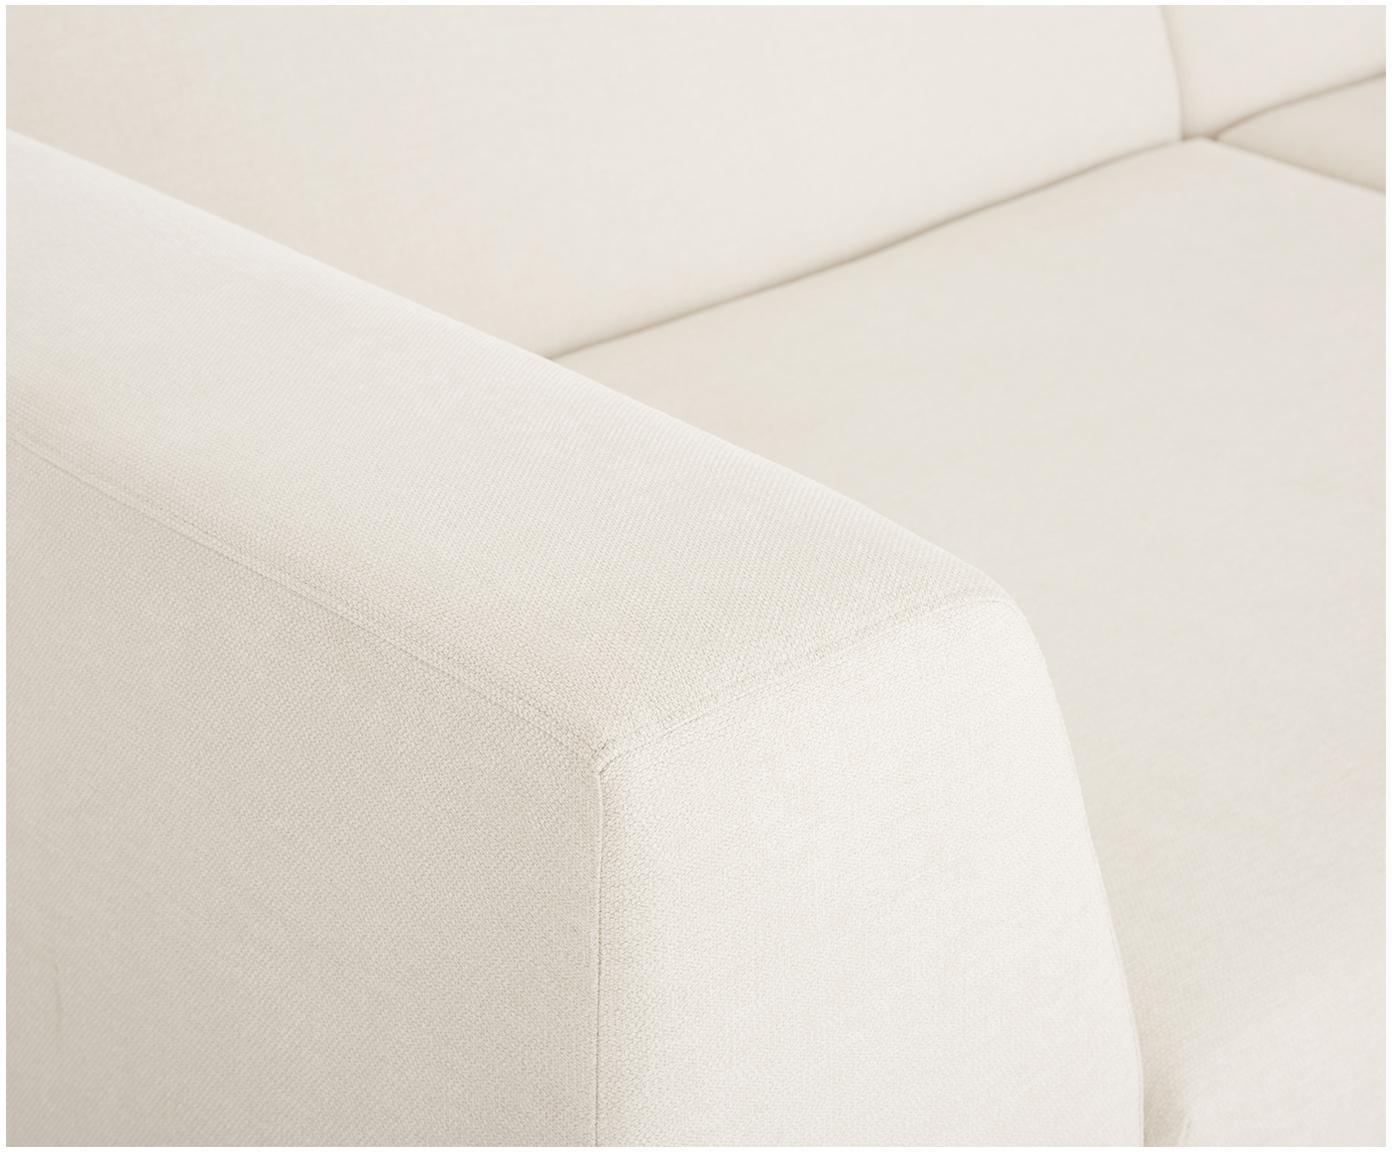 Sofa modułowa Grant (3-osobowa), Tapicerka: bawełna 20 000 cykli w te, Stelaż: drewno świerkowe, Nogi: lite drewno bukowe, lakie, Beżowy, S 266 x G 106 cm